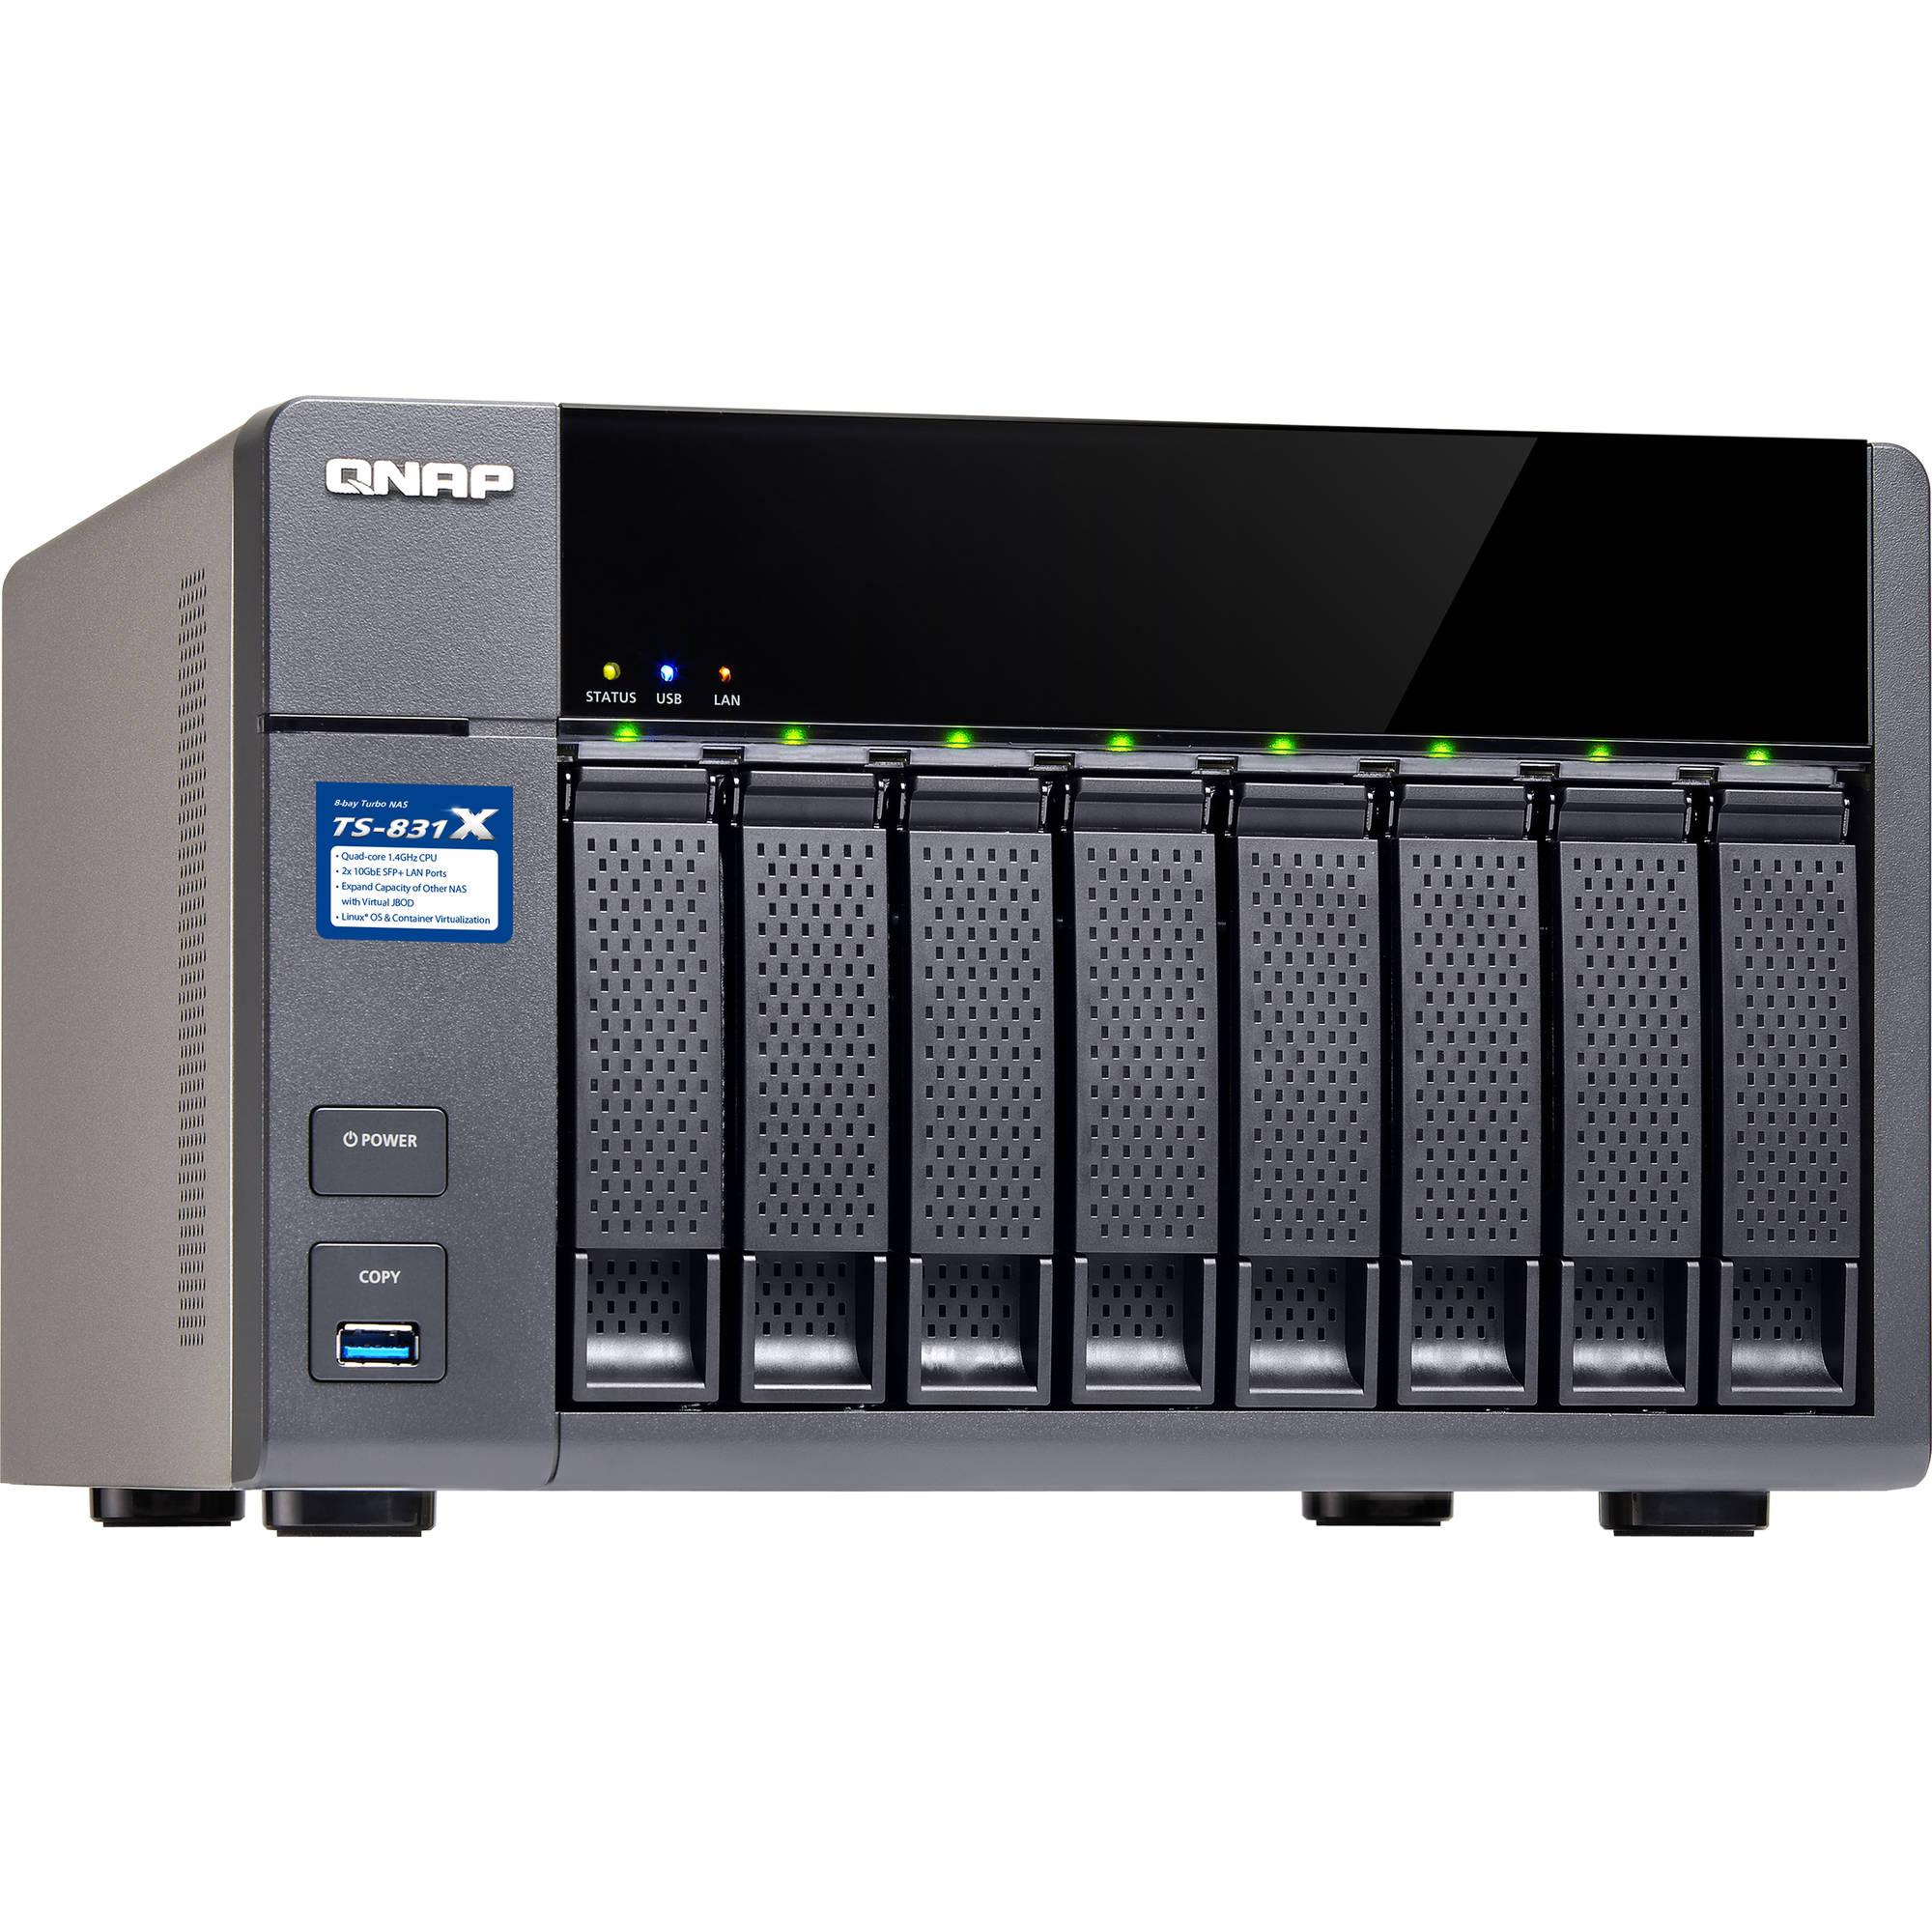 QNAP TS-831X 8-Bay NAS Enclosure